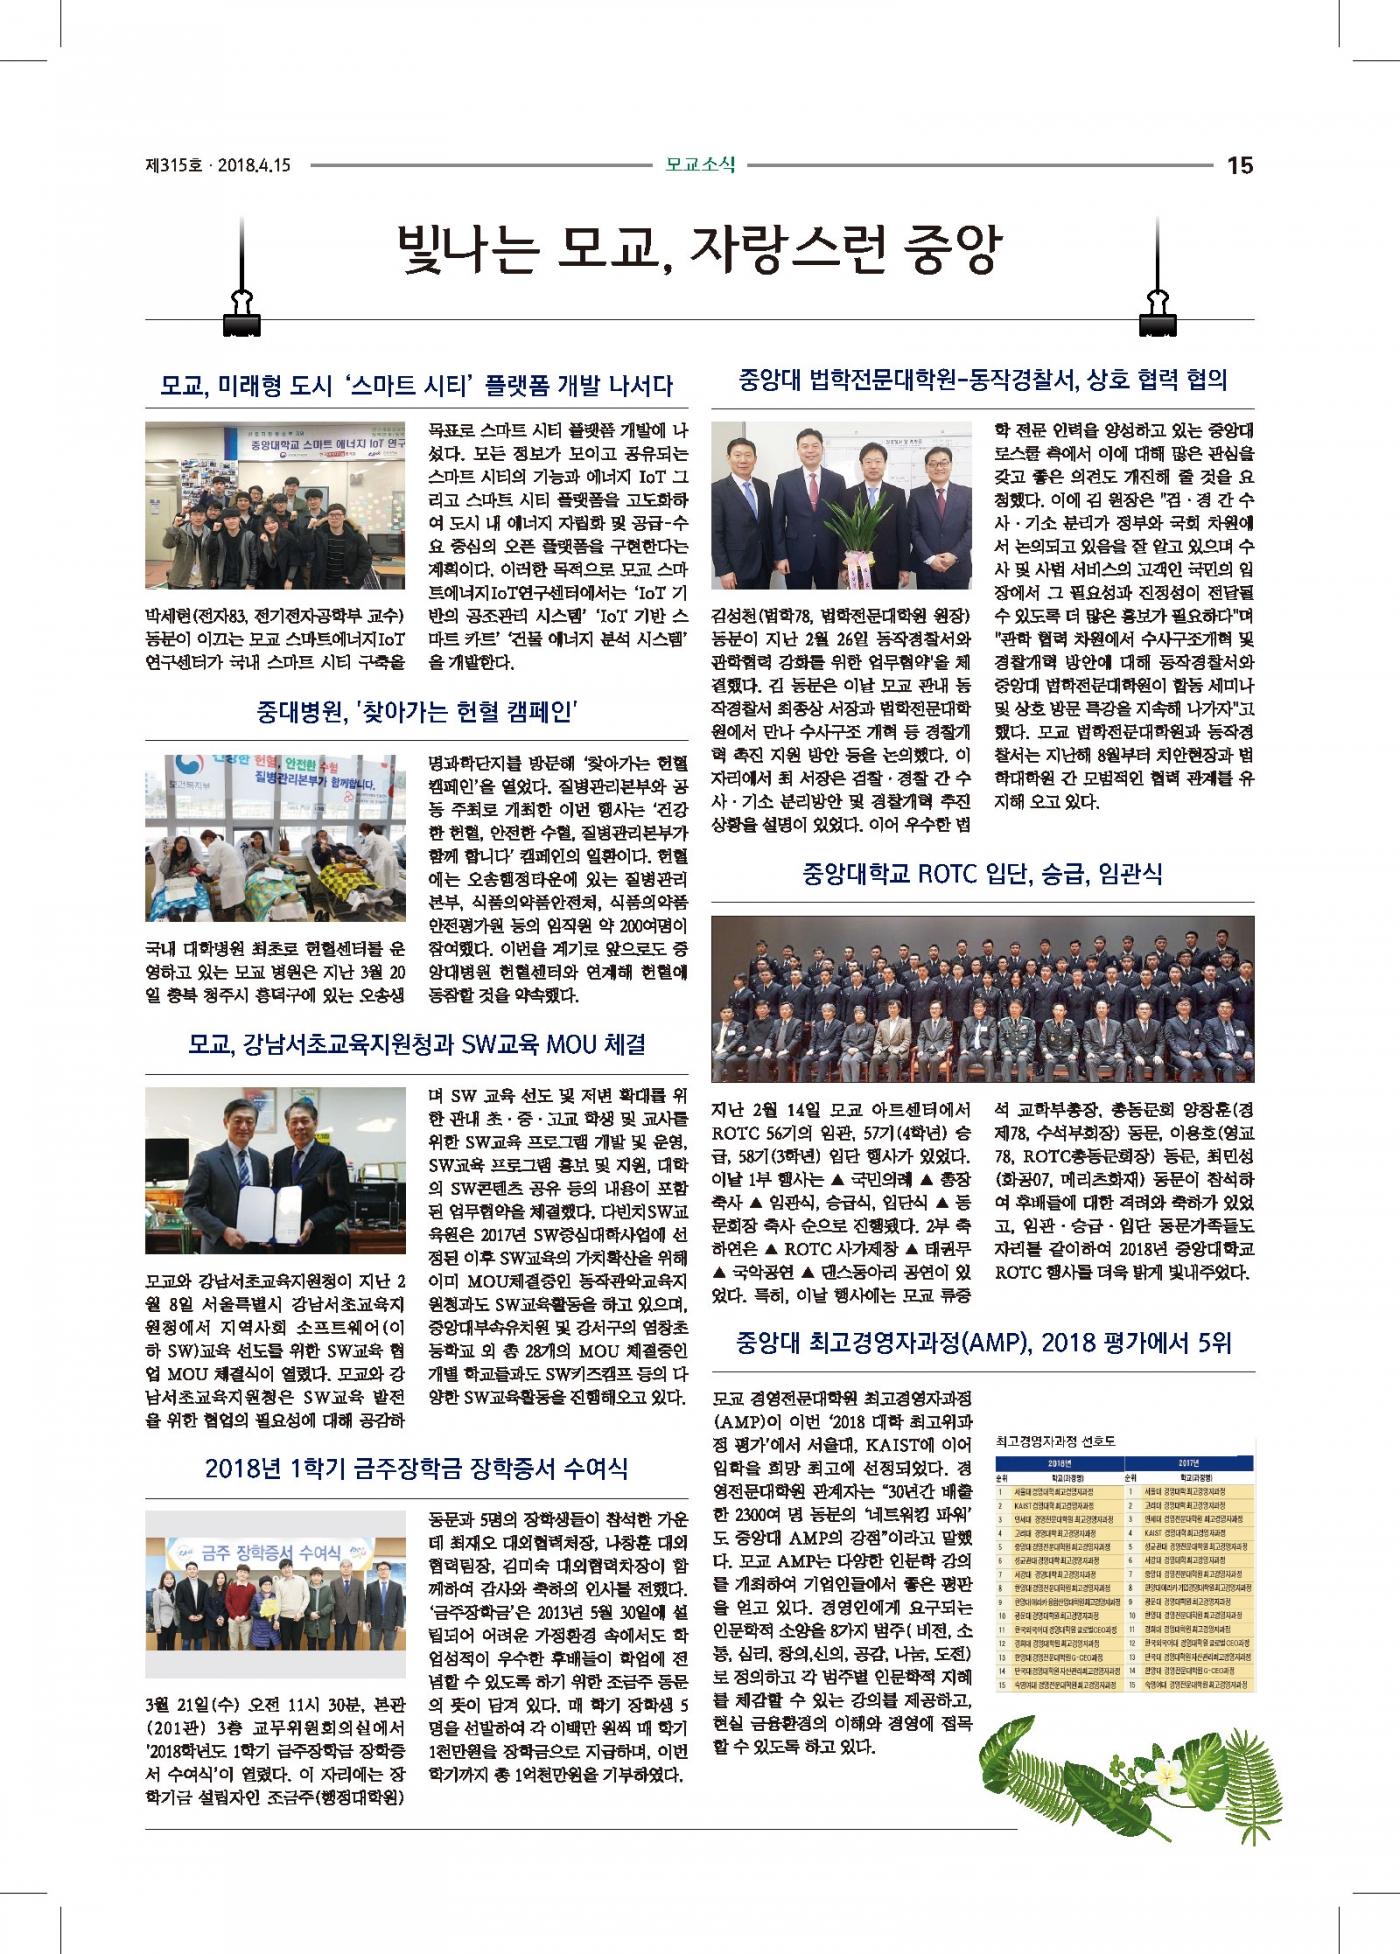 중총신문-18-4-23-인쇄OL1-15.jpg